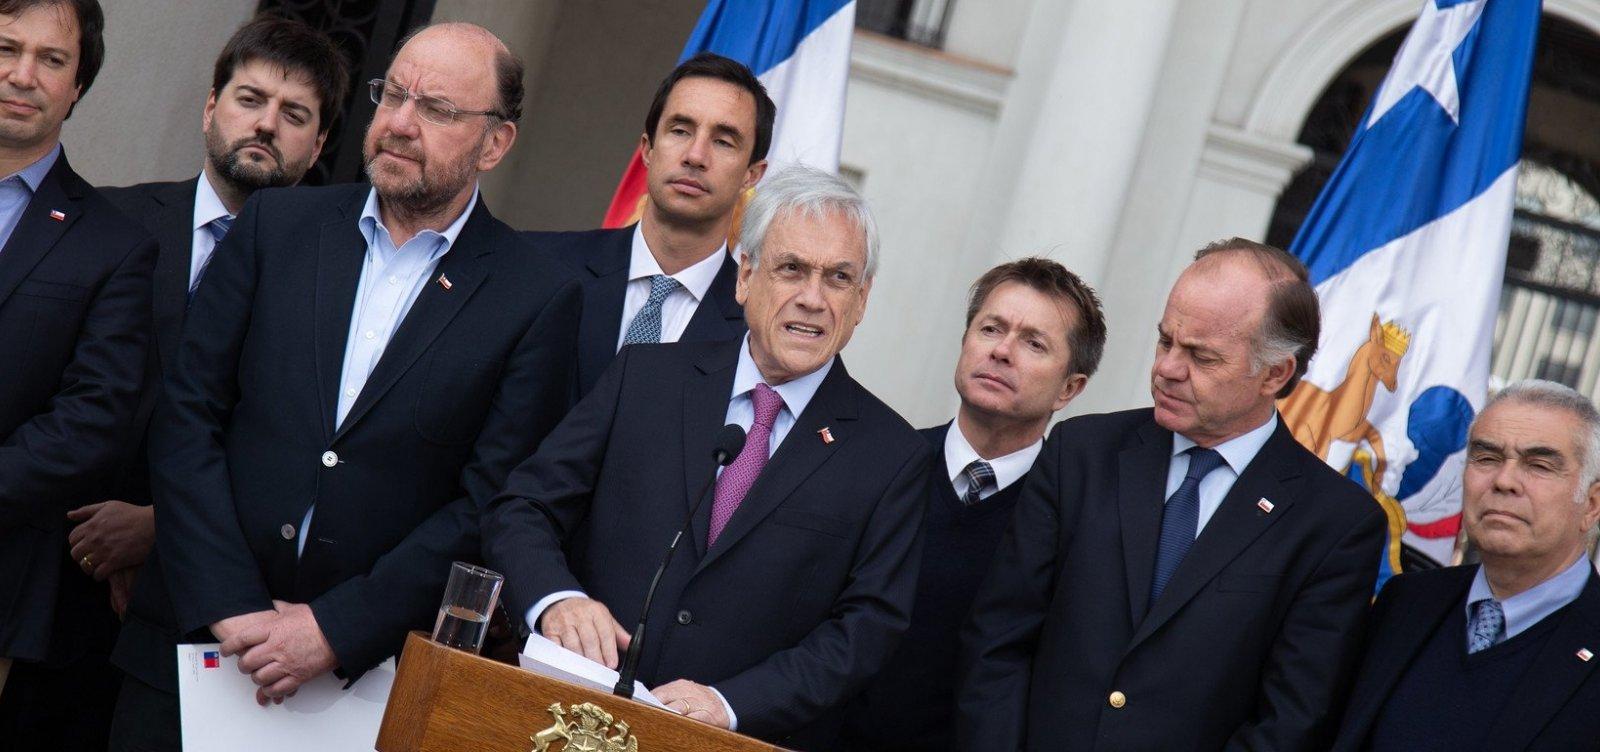 Índice de reprovação de Sebastián Piñera alcança 78%